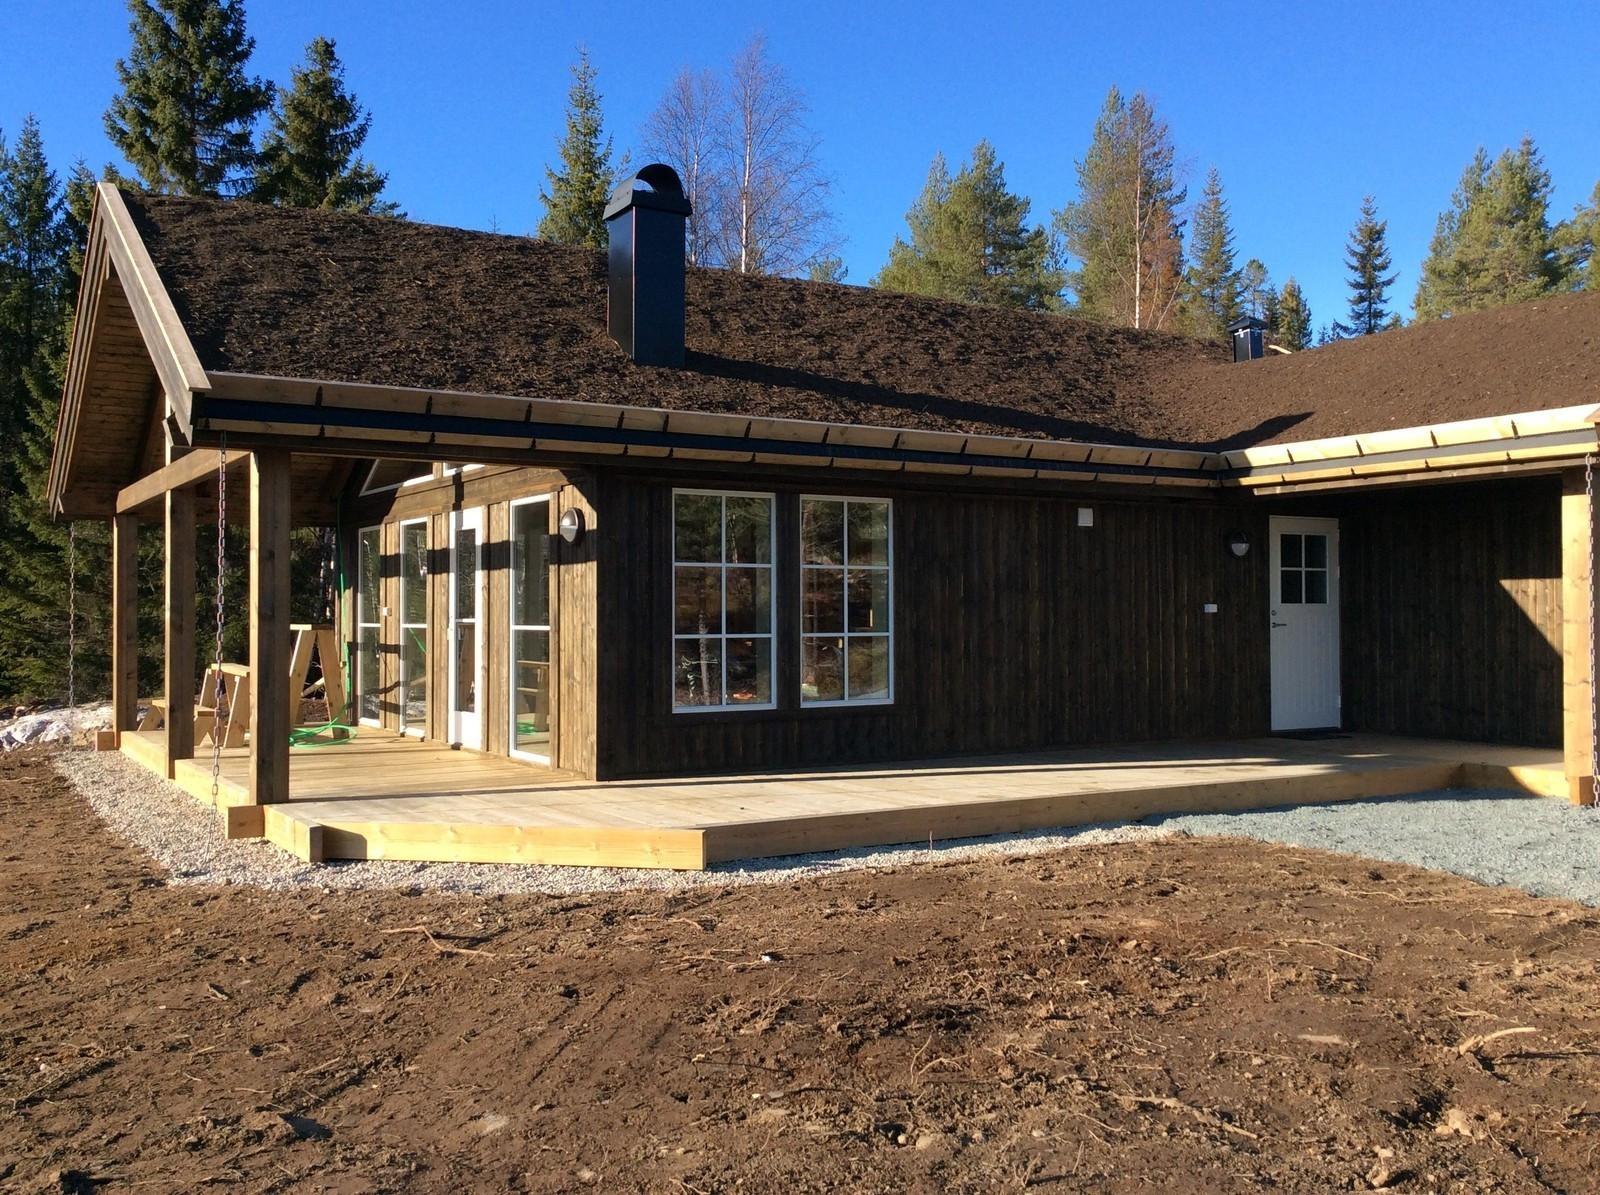 Dette er en rimelig og praktisk hytte med mye vinduer & lys. Den passer for en familien som ikke har behov for en veldig stor hytte. Hytten har bl.a. 3 soverom. Det er store tilhørende terrasser, også under tak, og disse terrassene er inkludert i oppgitt